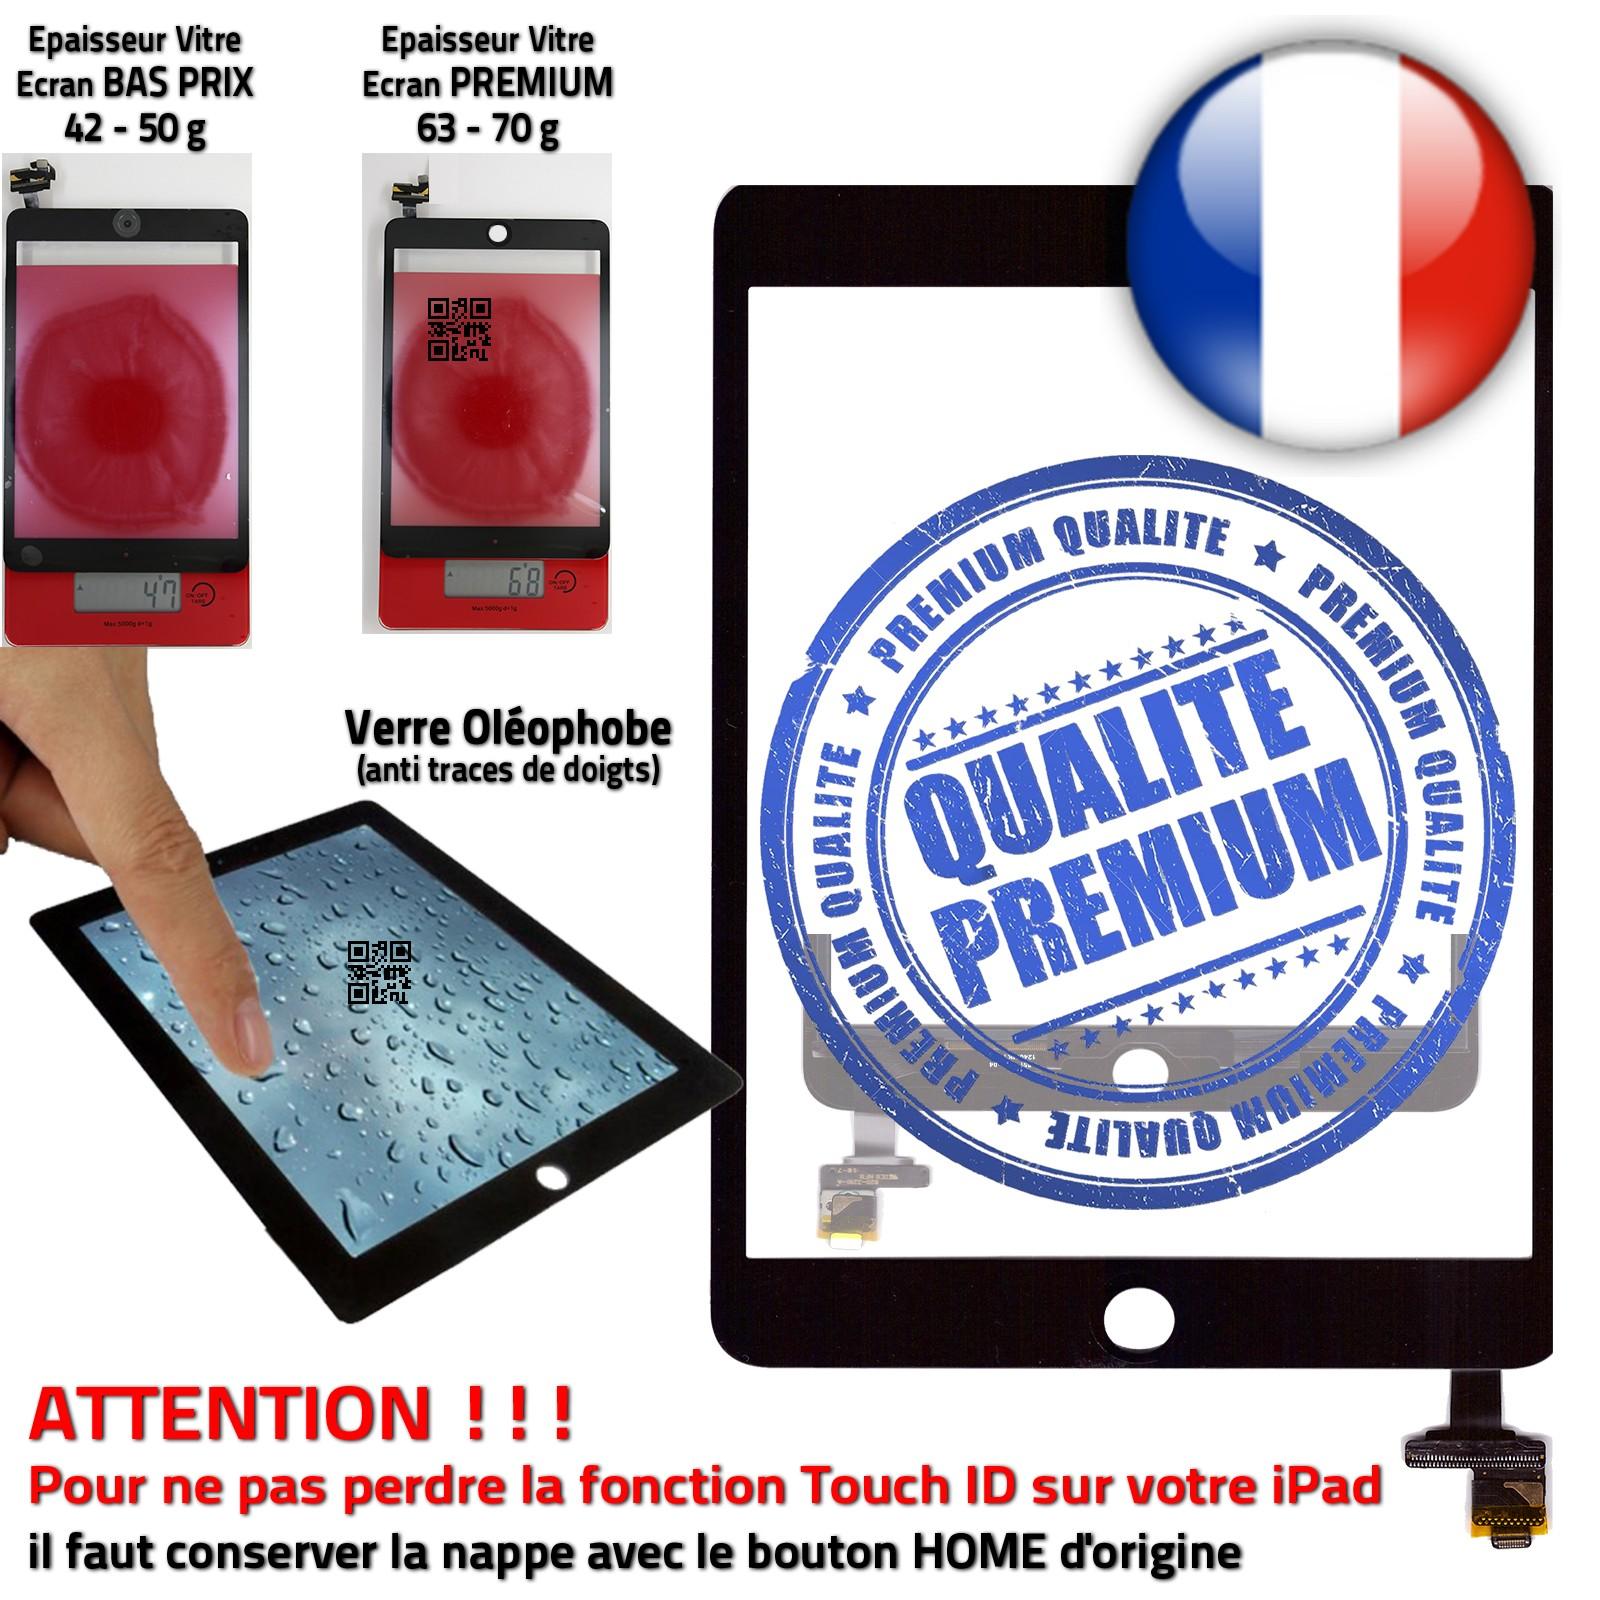 Vitres en Verre PREMIUM Apple iPad Mini 3 Retina 7.9 inch